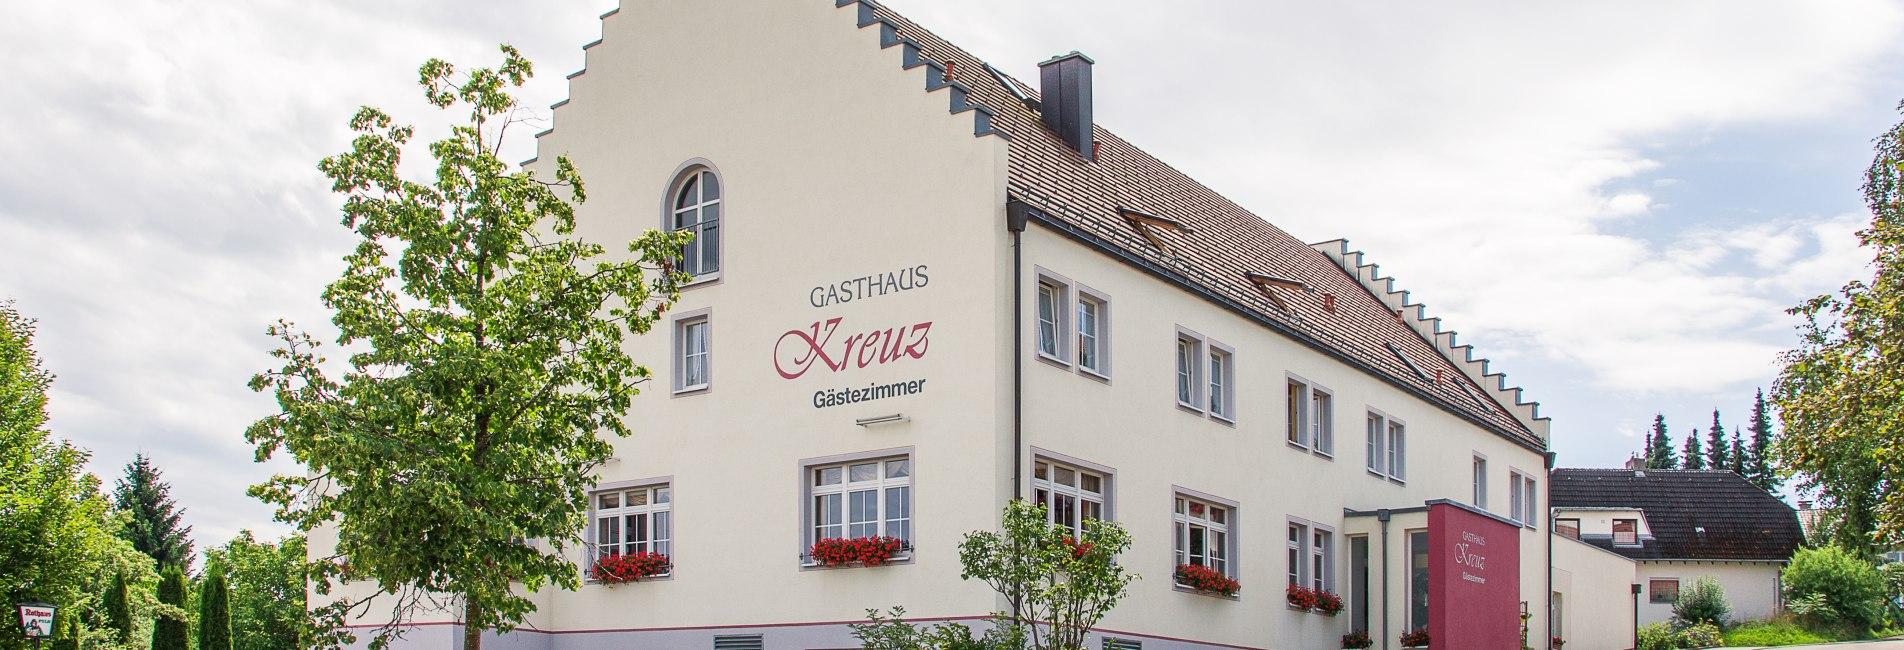 Gasthaus Kreuz in Riedern